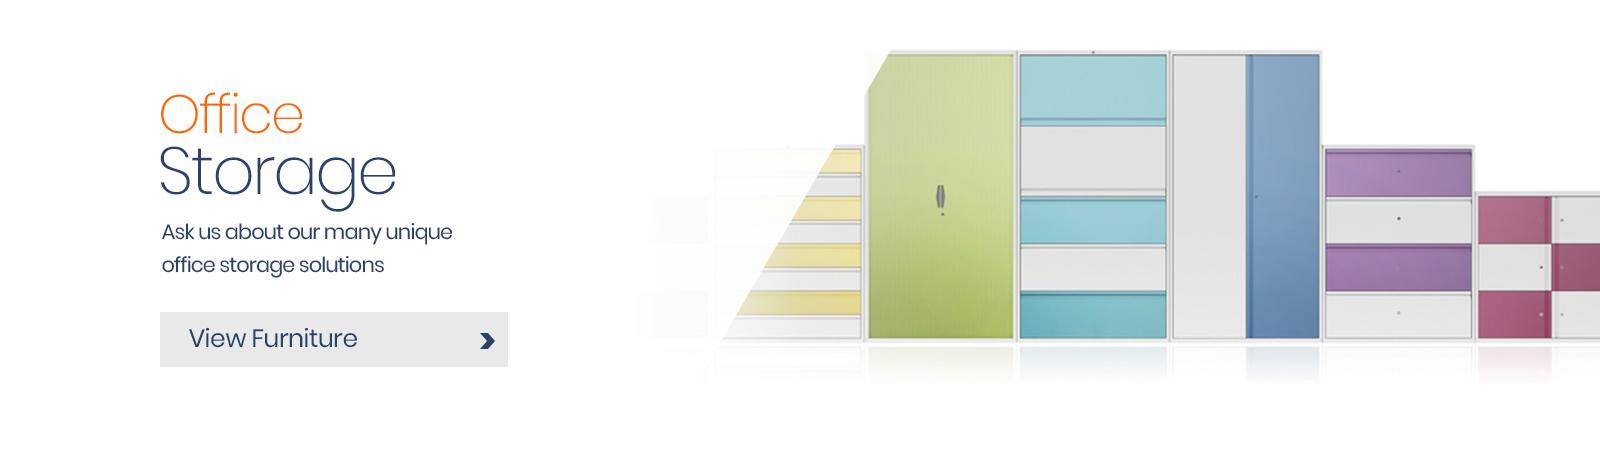 Slider 4 - Office Storage